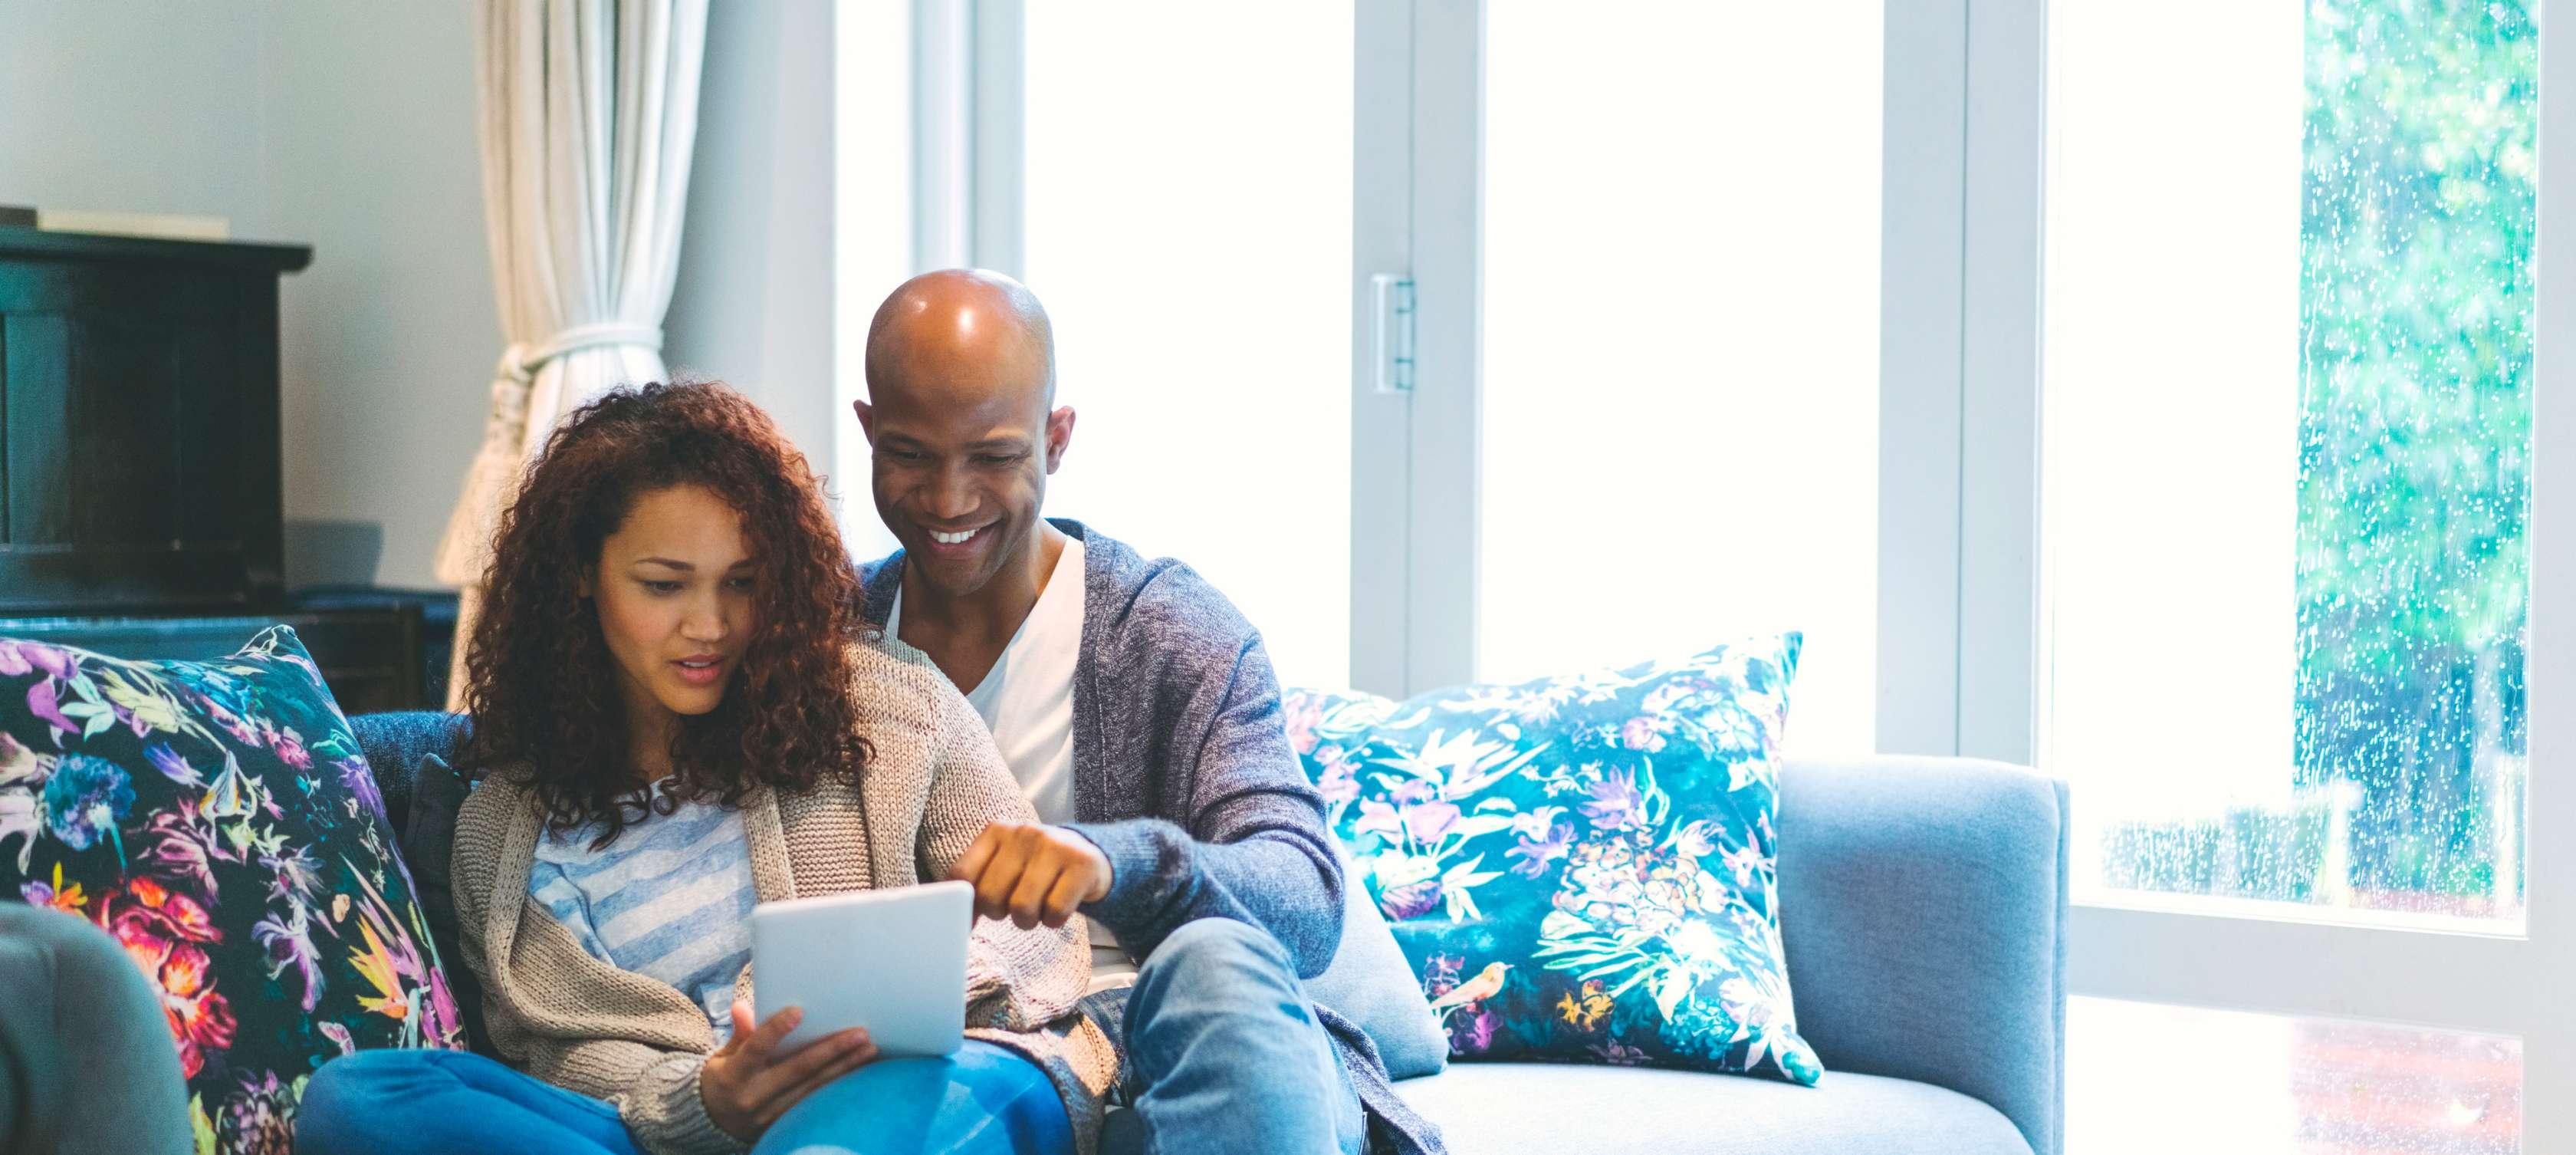 Junges Paar sitzt auf dem Sofa und recherchiert mit einem Tablet